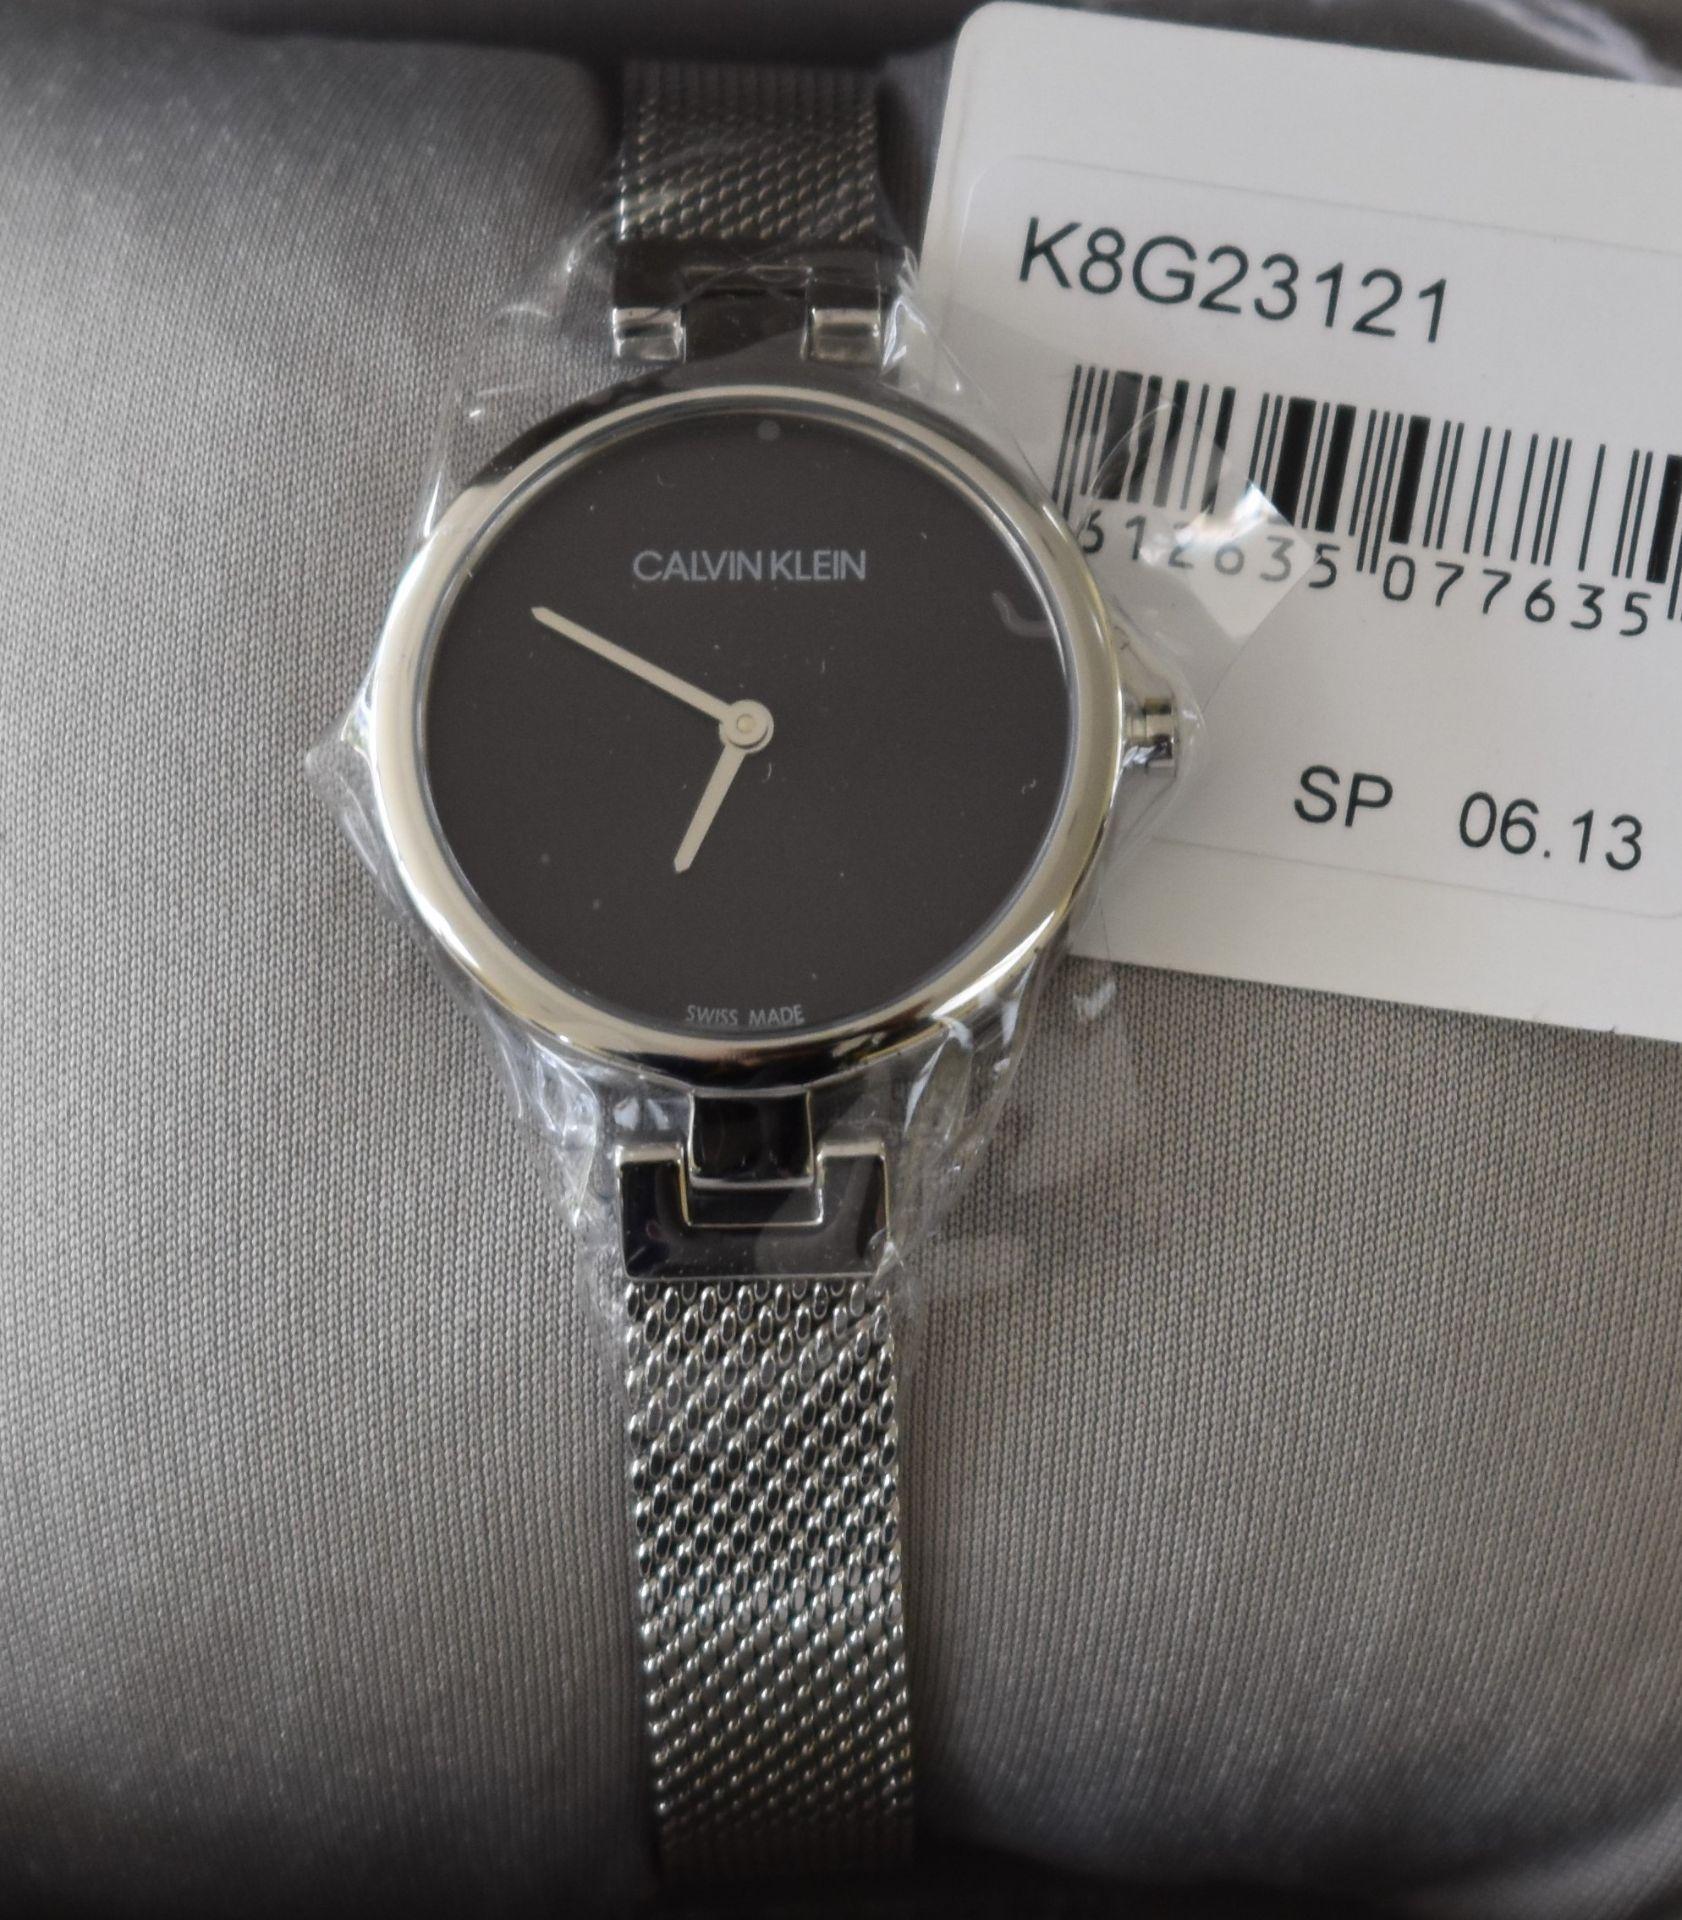 Calvin klein K8G23121 Ladies watch